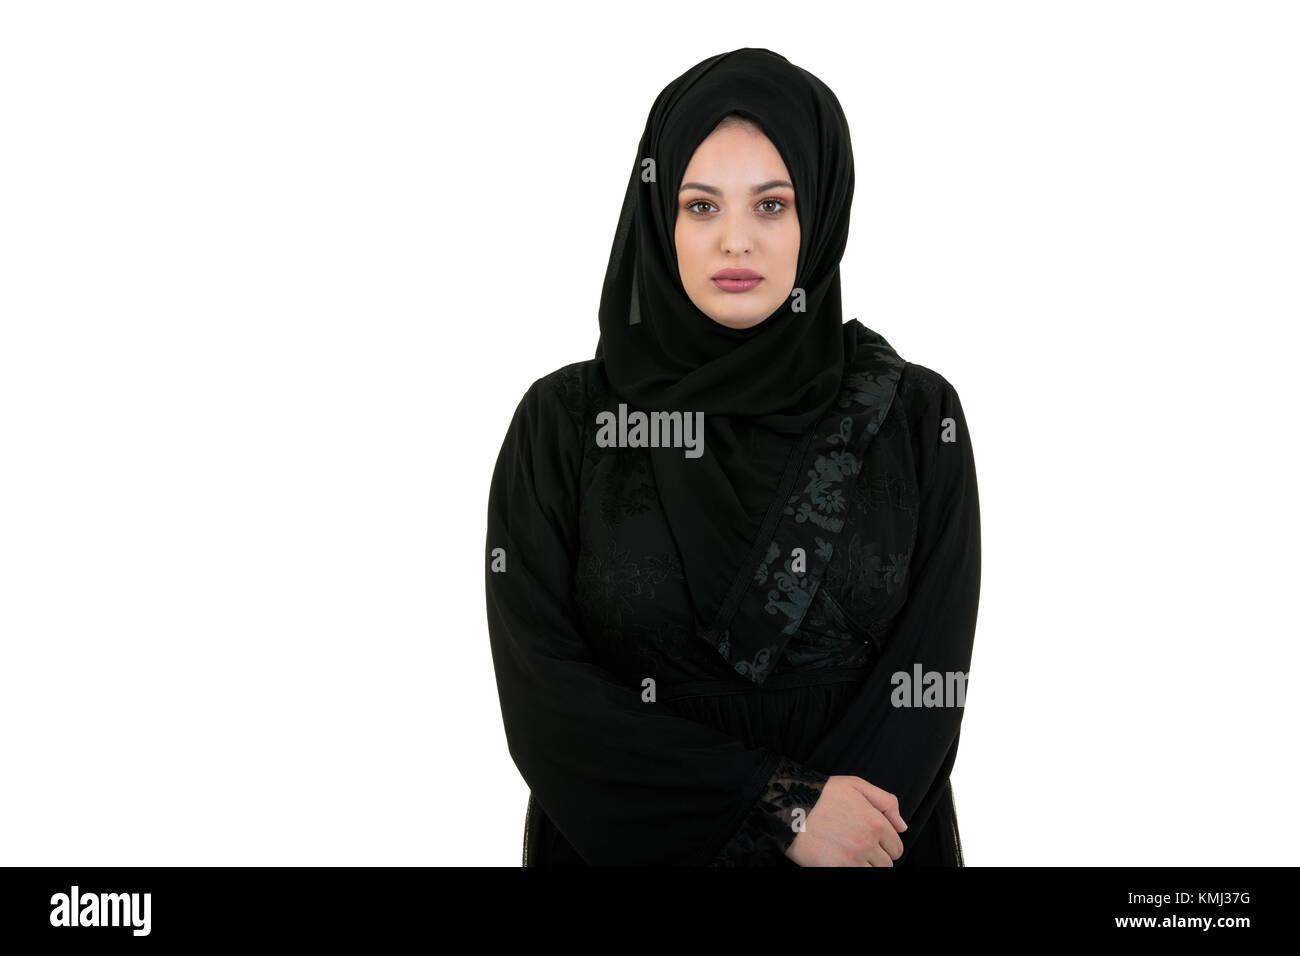 Mujer joven vistiendo ropa tradicional árabe hiyab Foto de stock